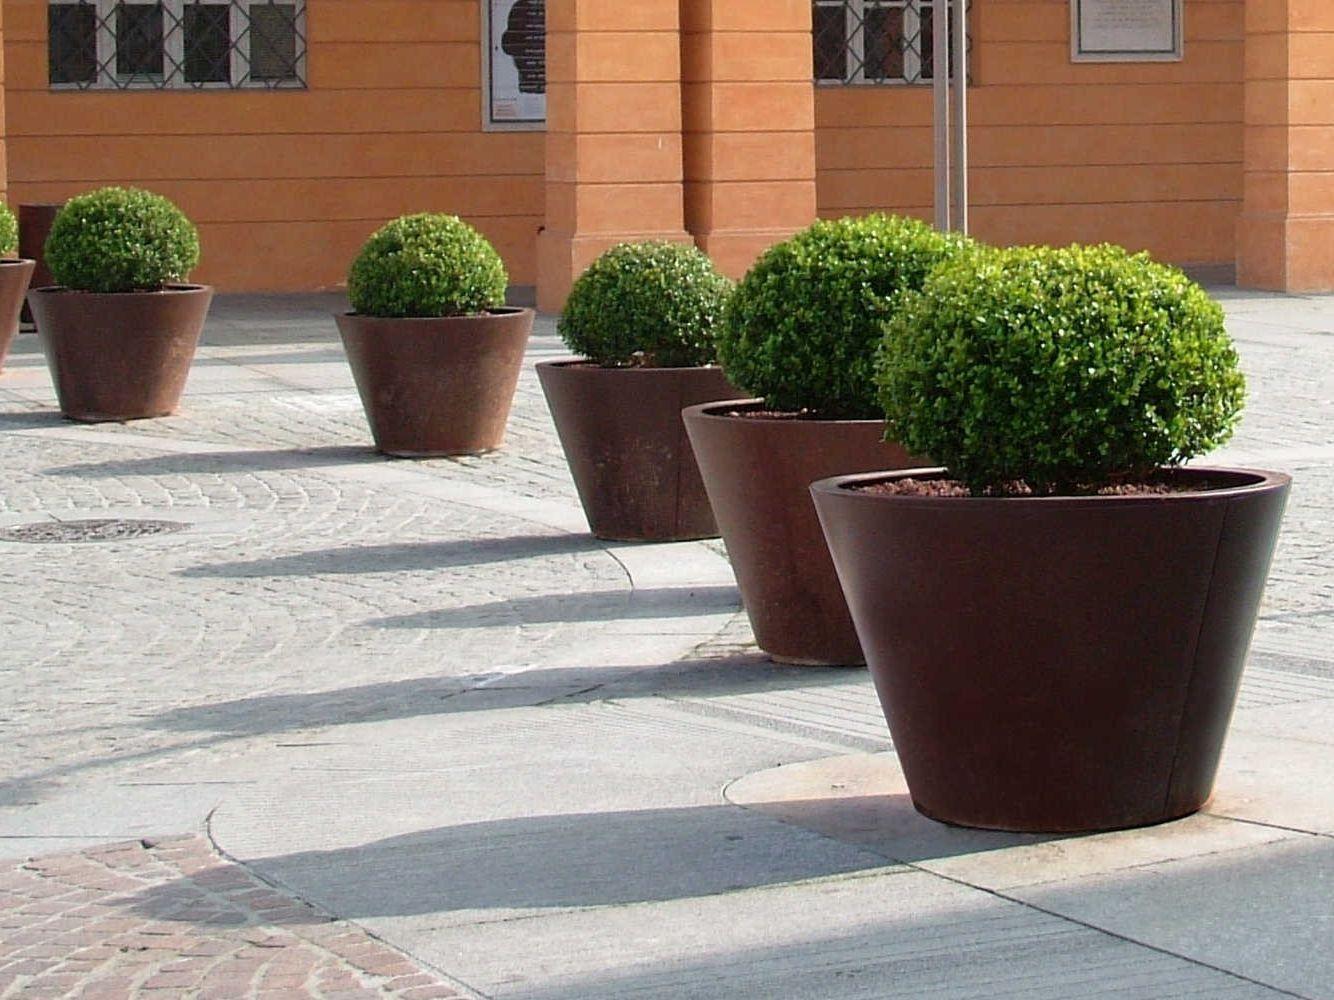 Pitocca fioriera by metalco design sjit for Metalco arredo urbano